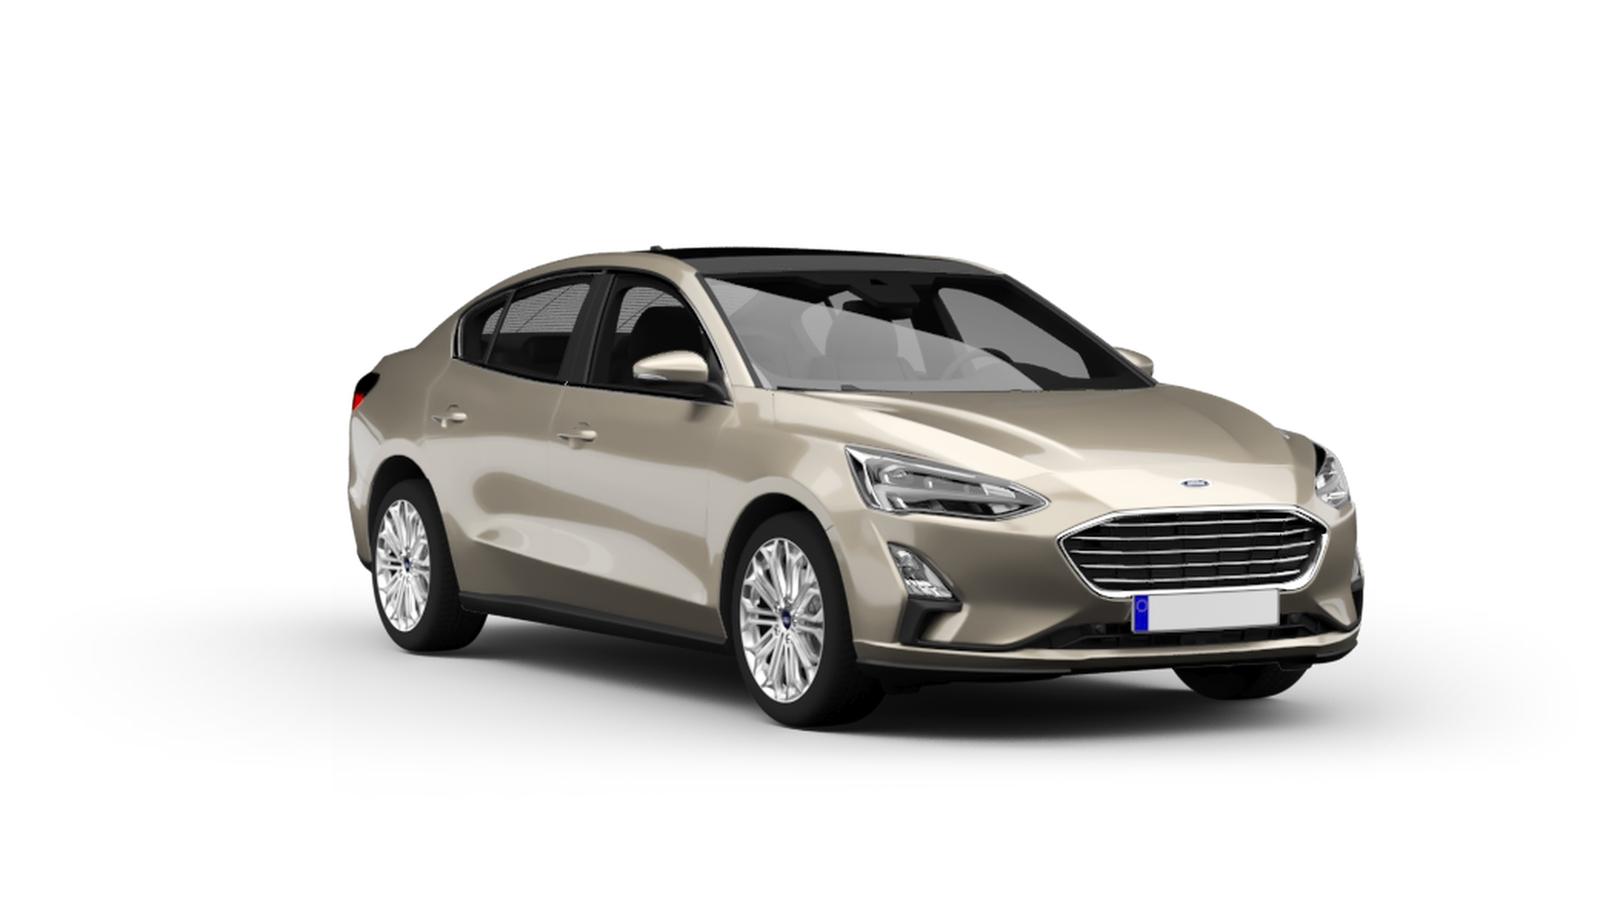 Ford Focus 1 5 Ti Vct Titanium Sahibinden Com